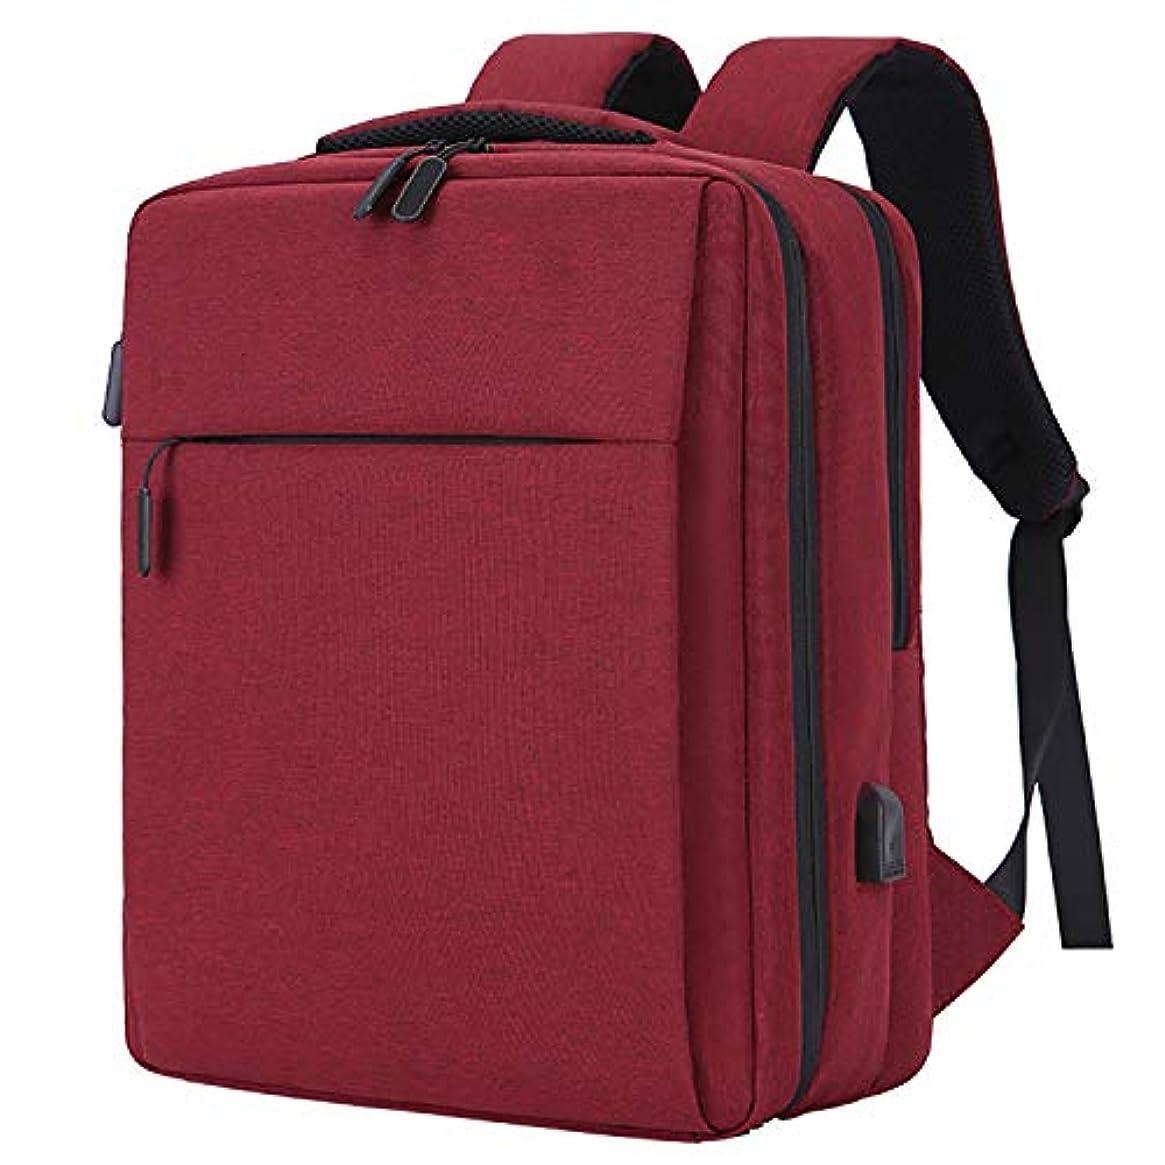 悪魔チャペル直立YOUPECKビジネスは、旅行バックパック、アンチ盗難バックパックUSB充電ポート、防水カレッジスクールのコンピュータバッグを運ぶ女性と男性は15.6インチノートパソコンのノートブックに適合